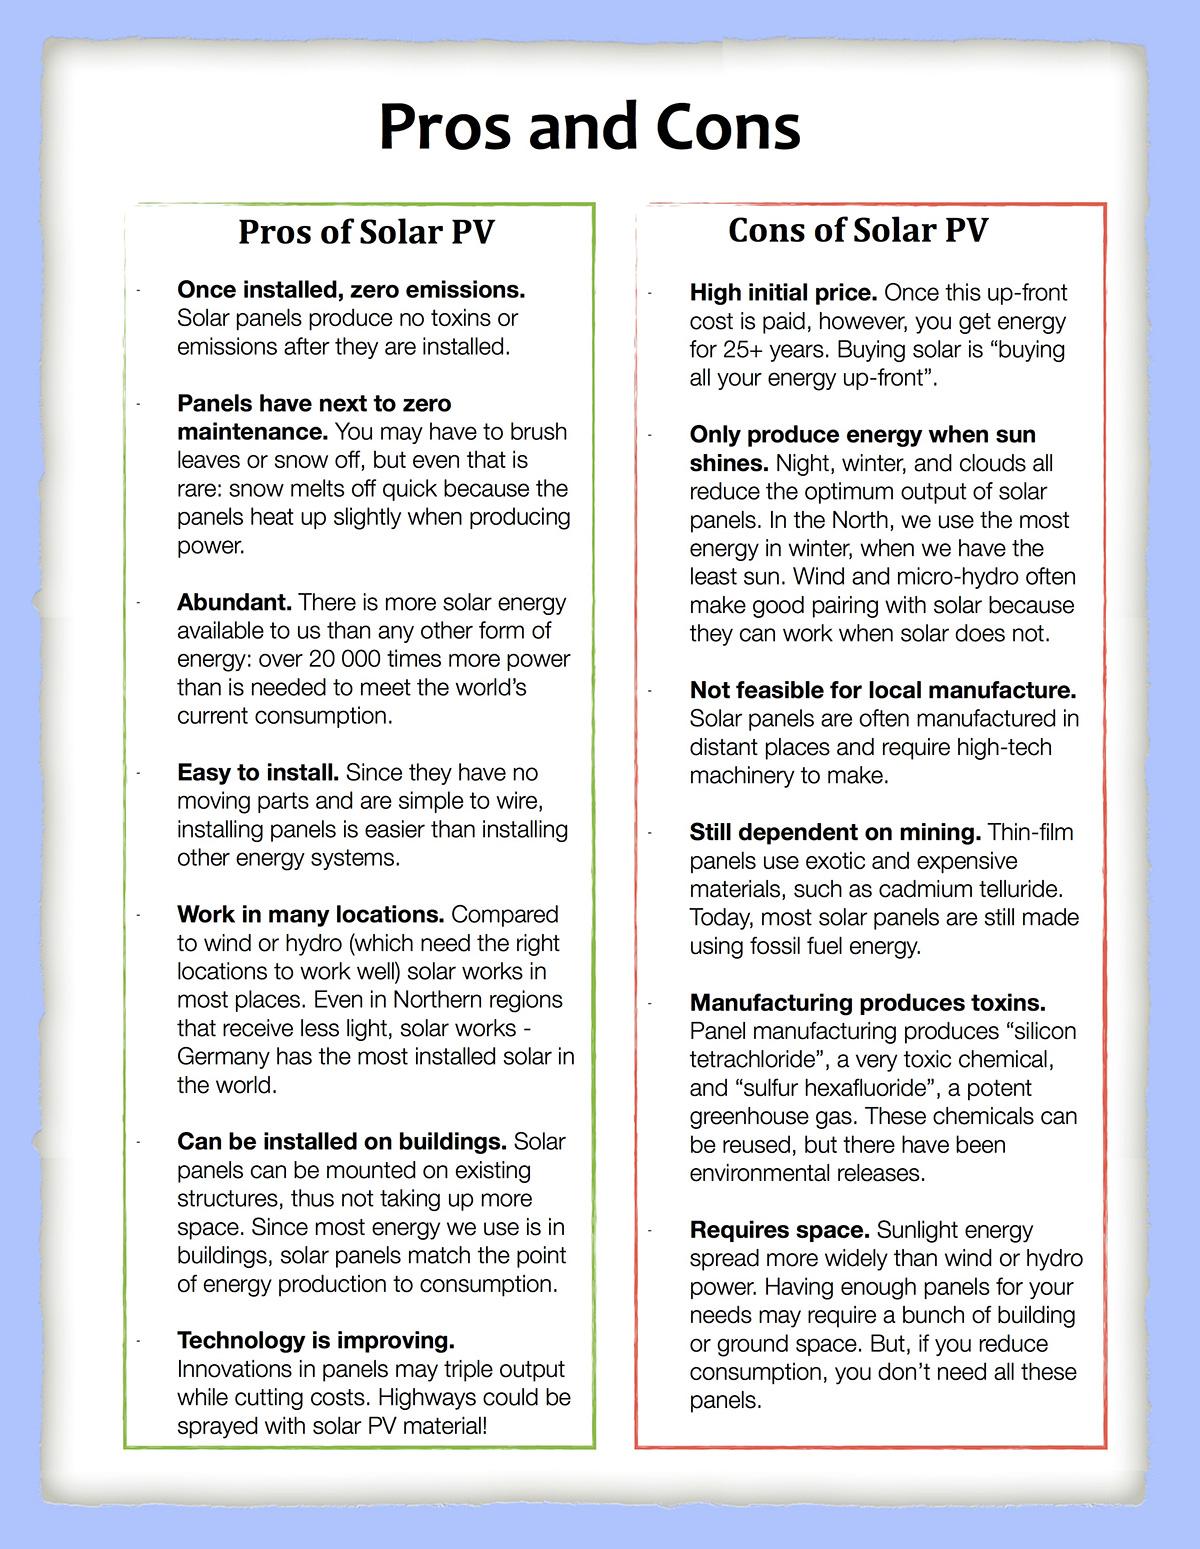 006 Solarposter6 Should Students Wear School Uniforms Essay Impressive Ielts Uniform Sample Full